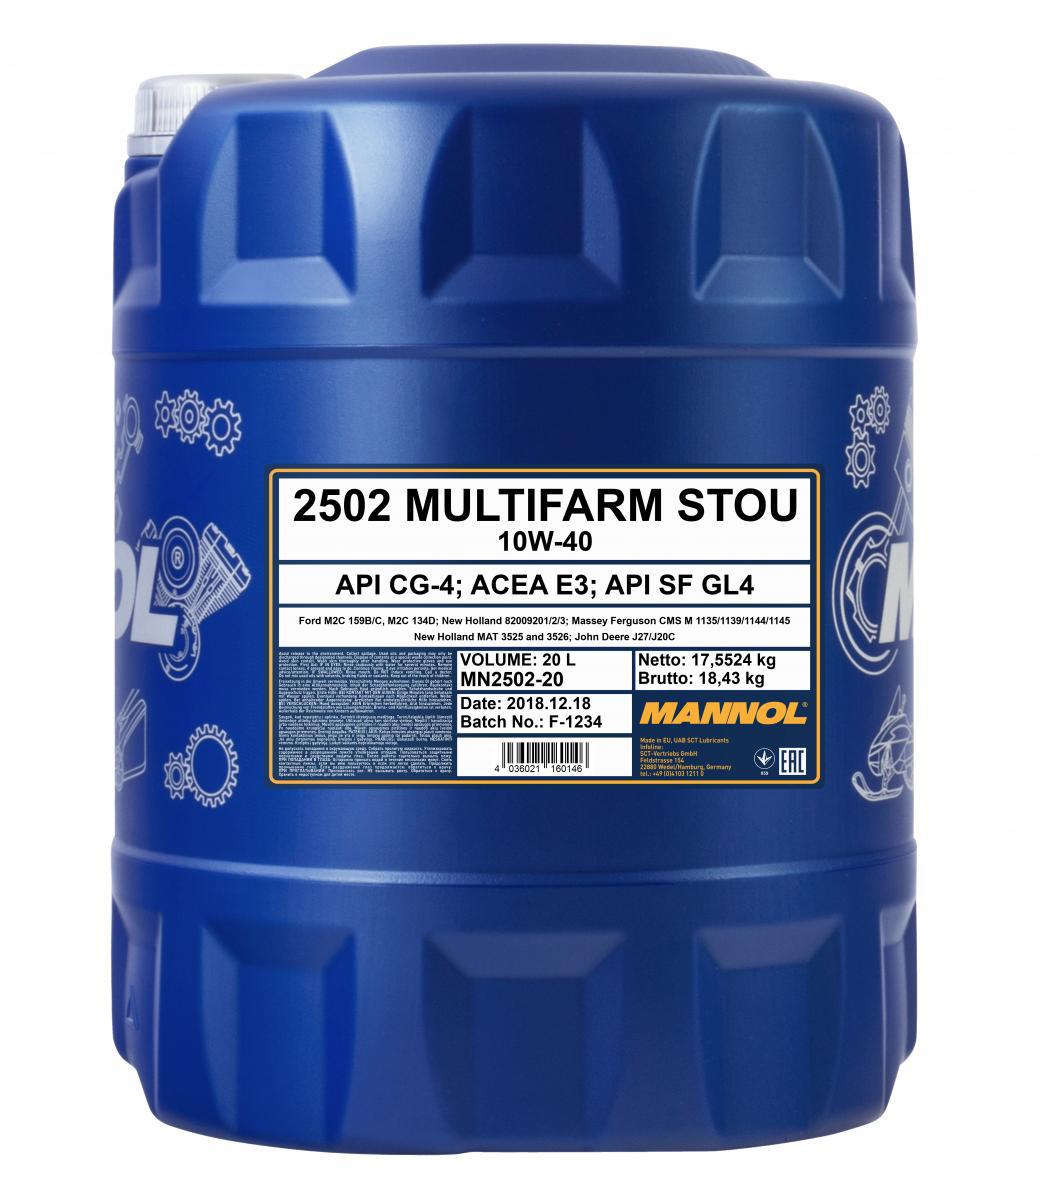 Multifarm STOU 10W-40